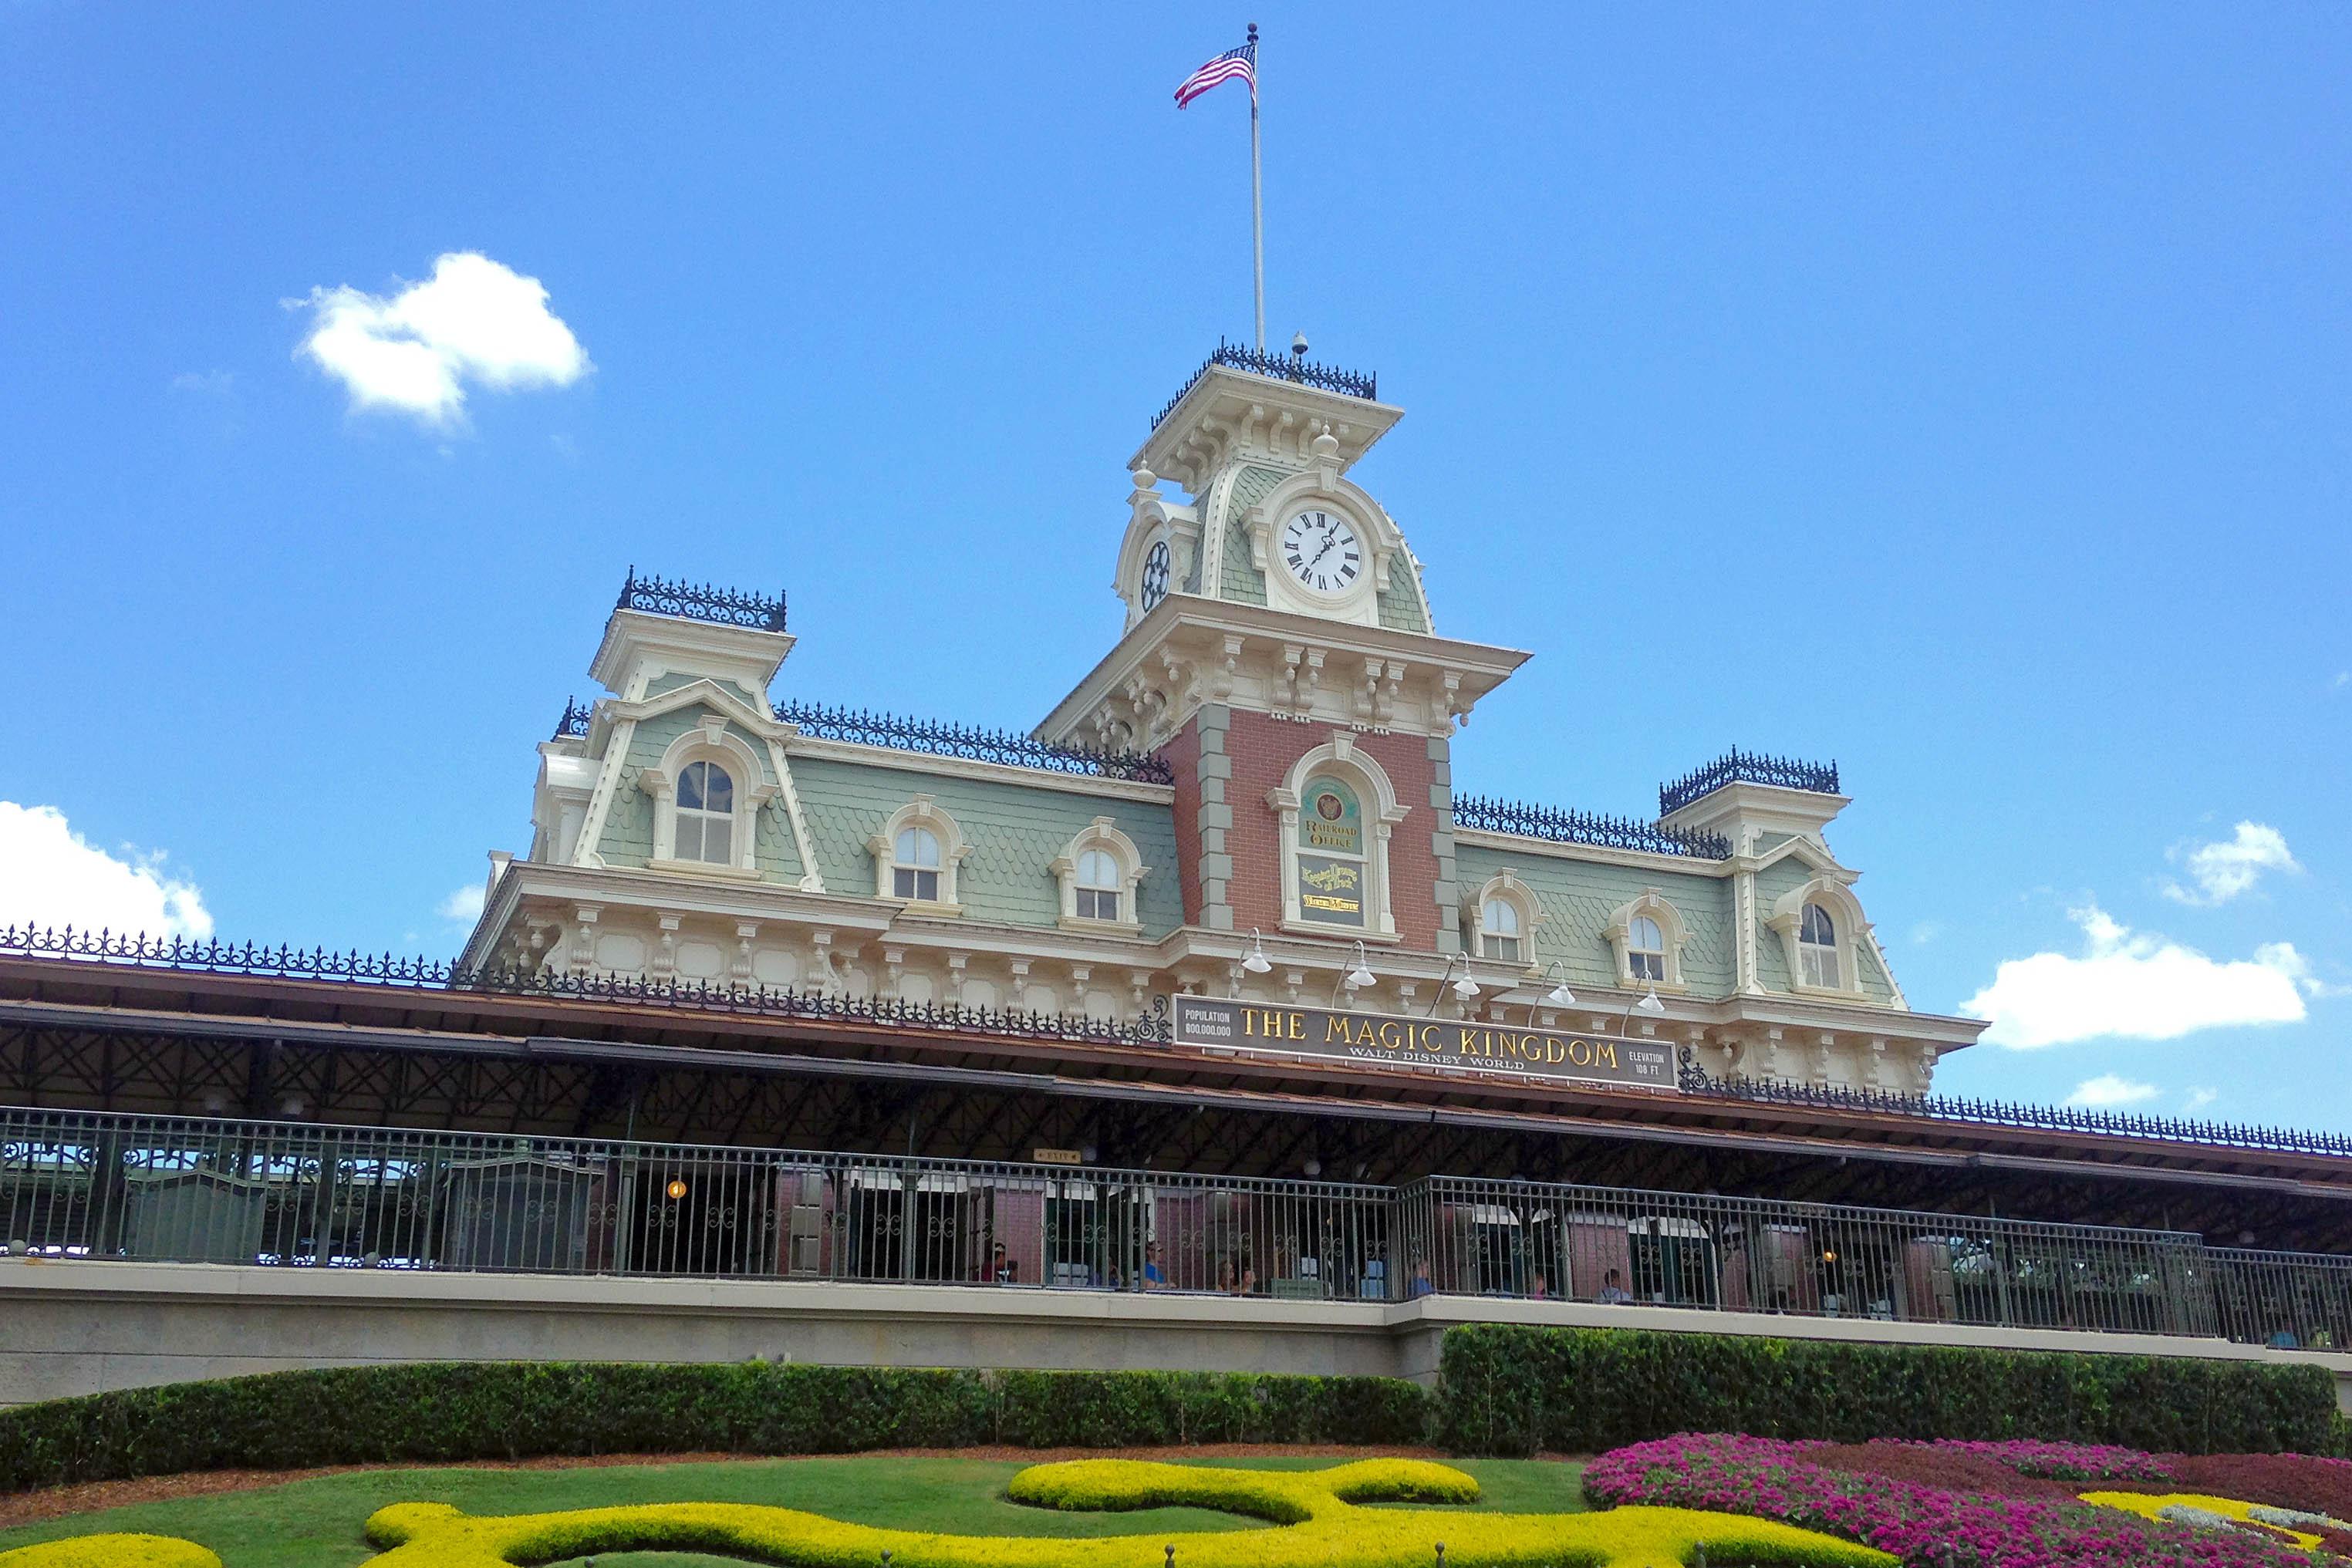 Disney Railroad Walt Disney World i Orlando